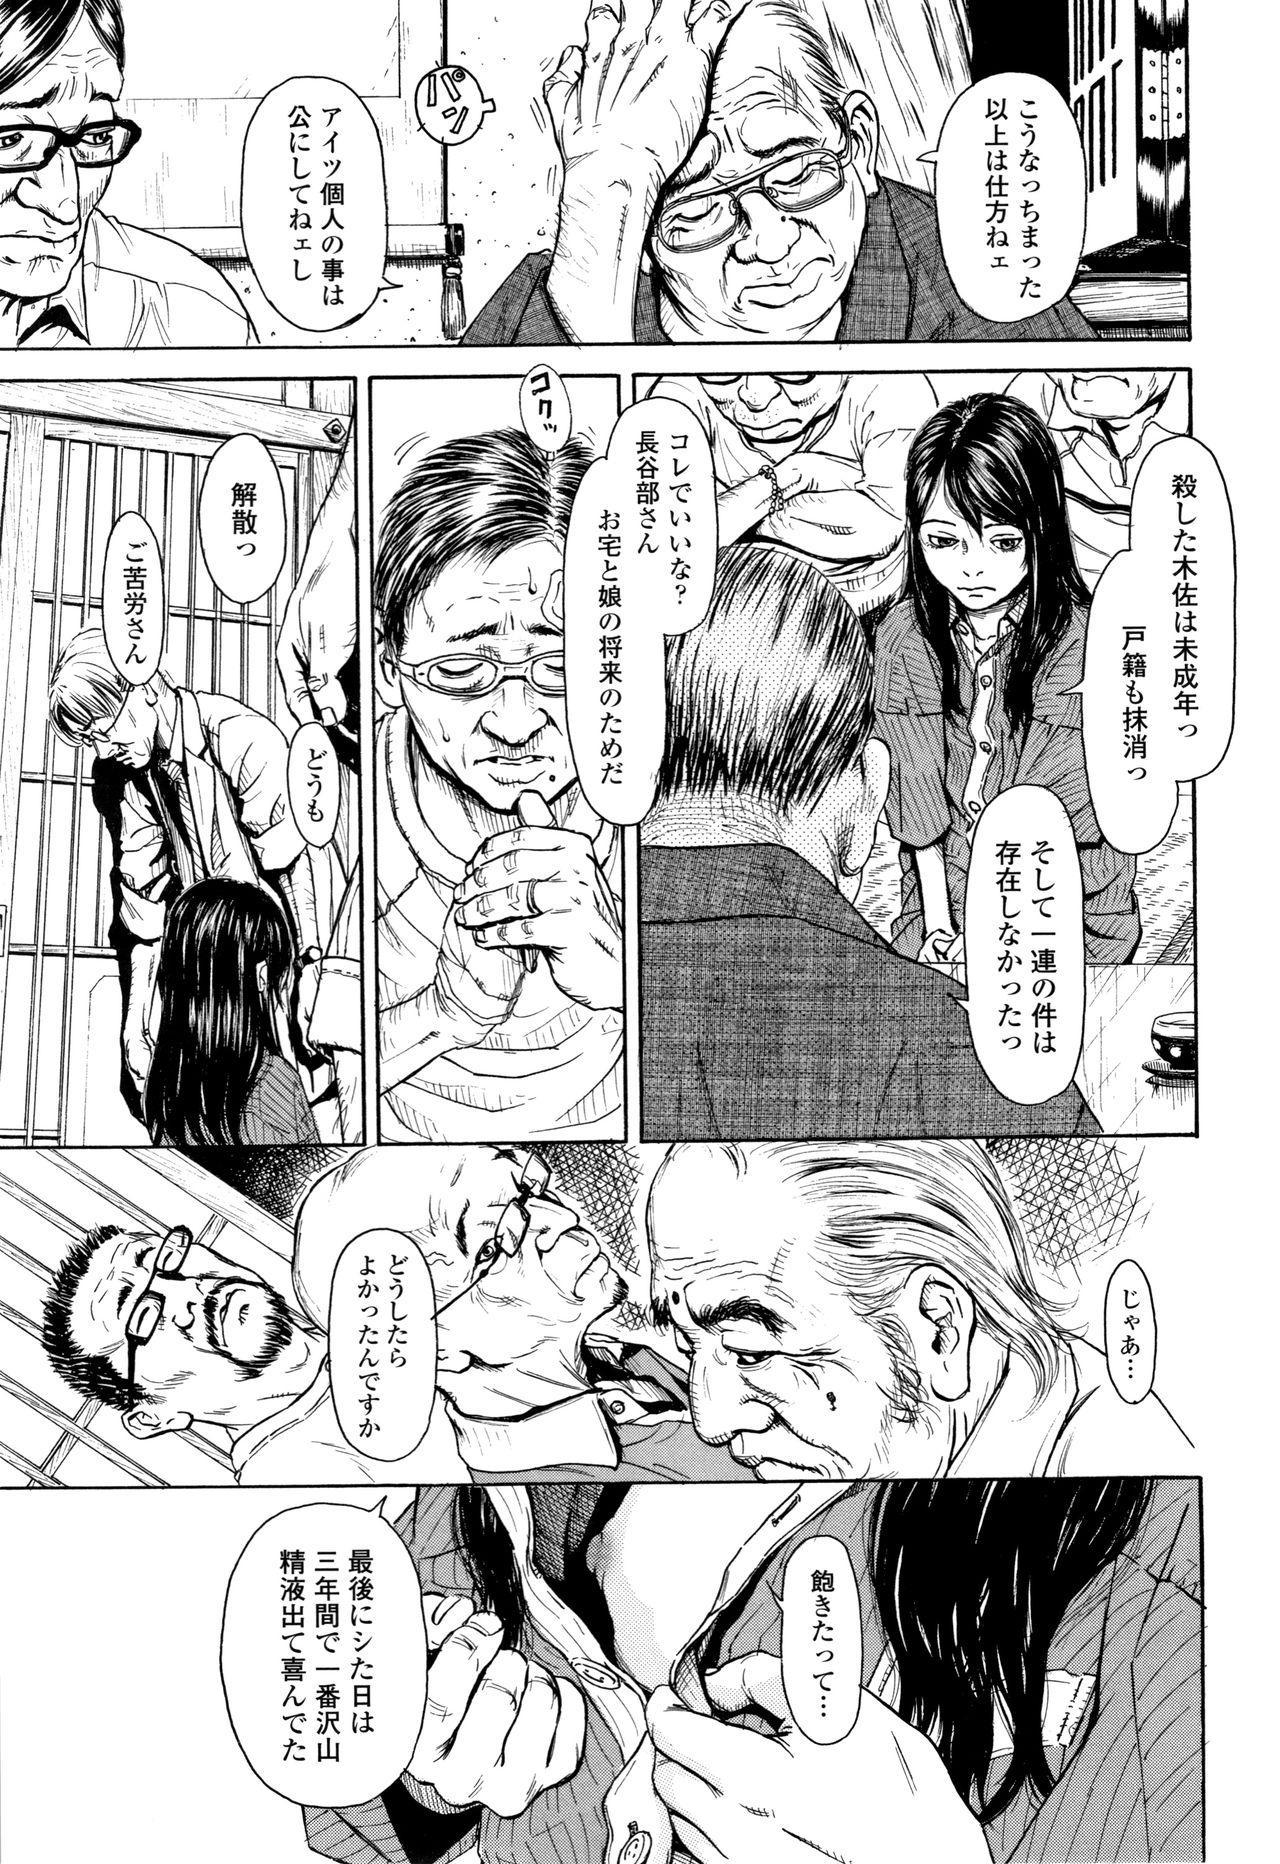 Chiisai Karada ni Shiroi Kage 91